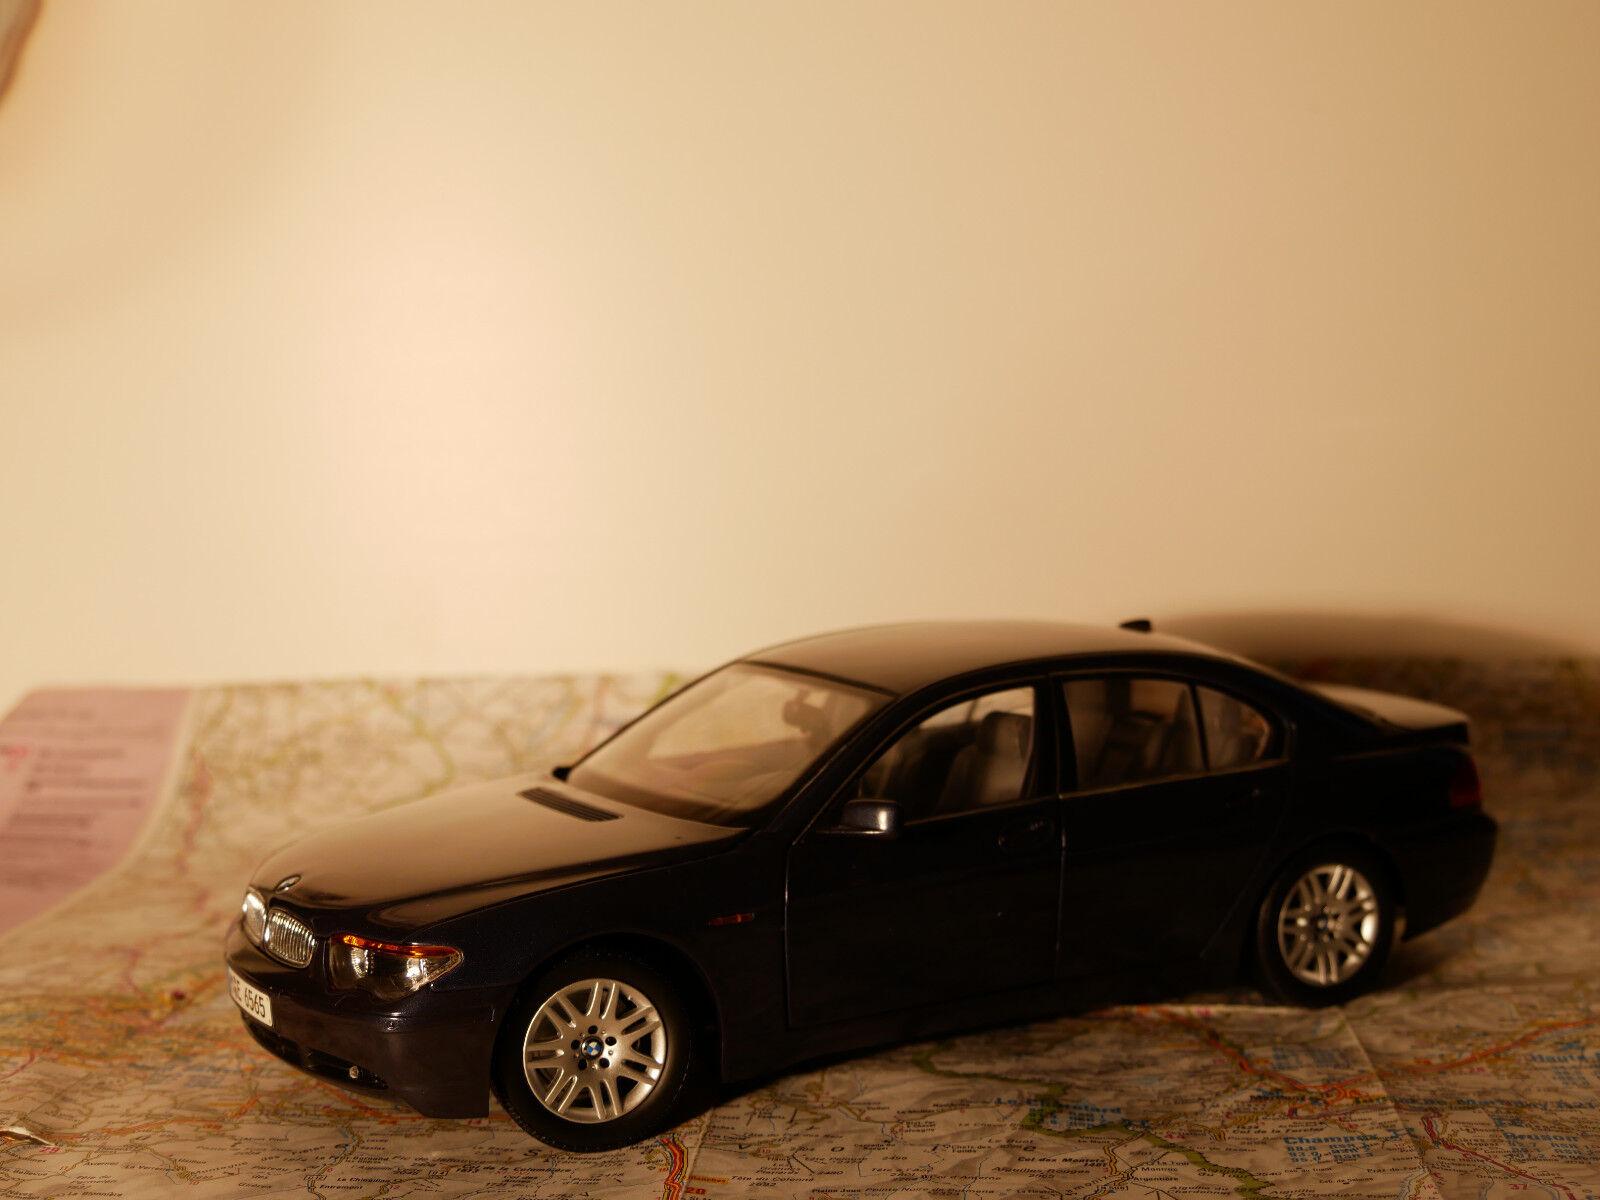 KYOSHO BMW 7-ER ART. 80430027859 blue blue blue  BWM - DEALER- VERSION + BOX  1 18  NEW 53cff9